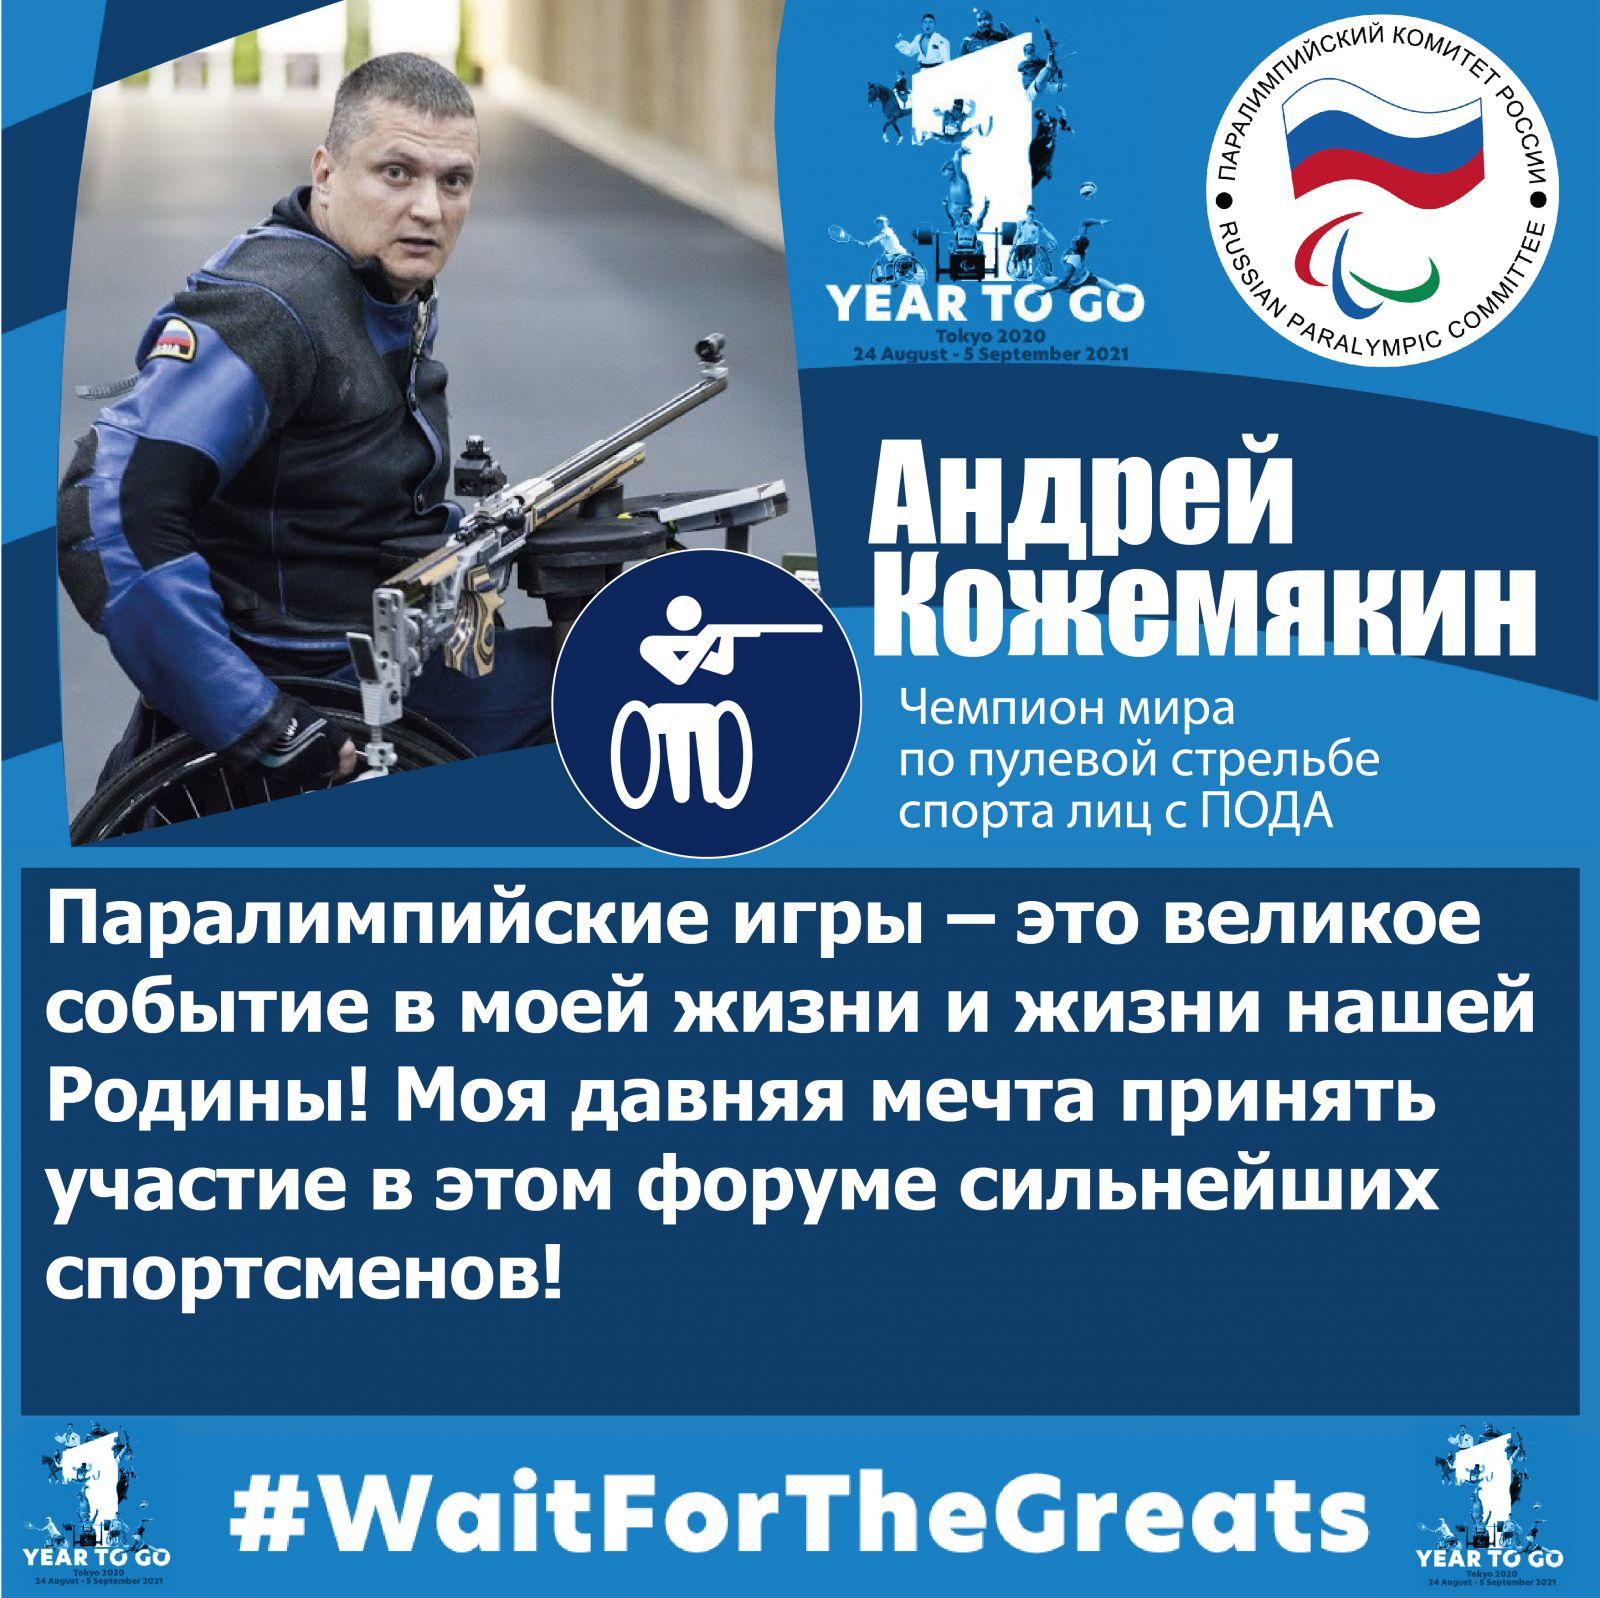 А. Кожемякин: «Паралимпийские игры – это великое событие в моей жизни и жизни нашей Родины! Моя давняя мечта принять участие в этом форуме сильнейших спортсменов!»